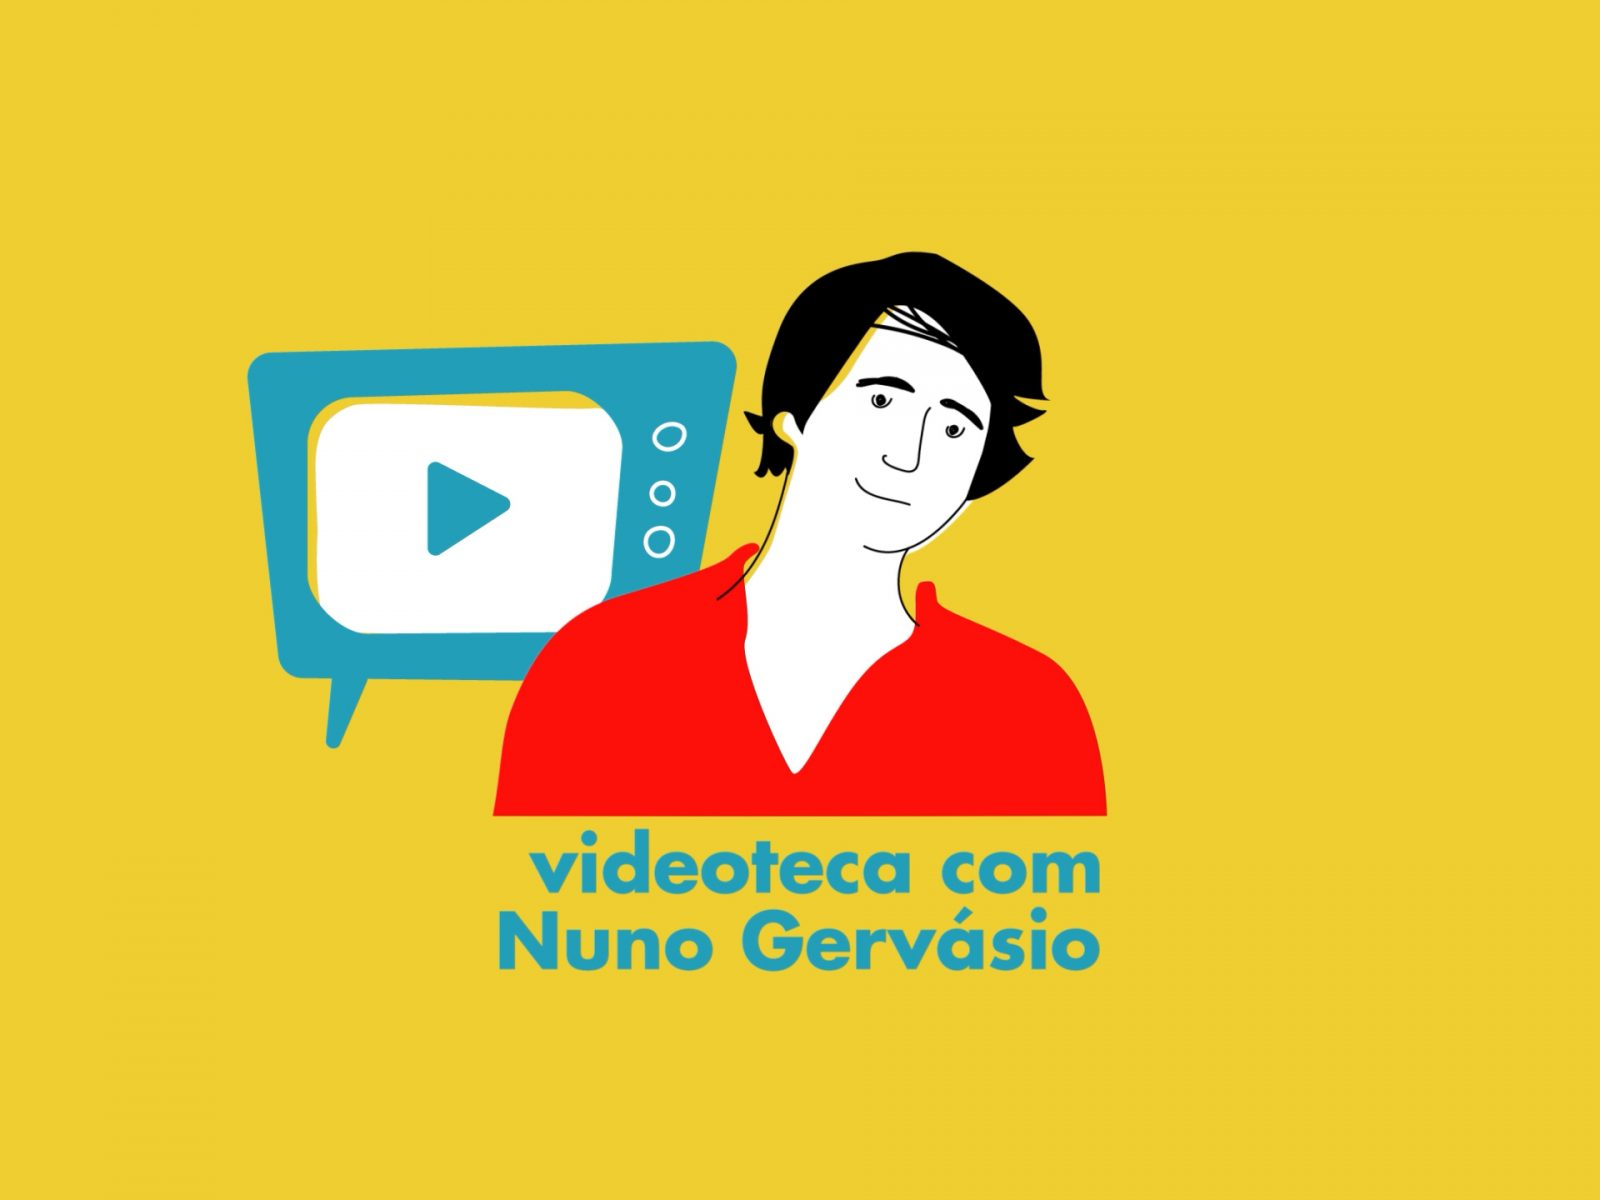 gerador-videoteca-com-nuno-gervasio-9